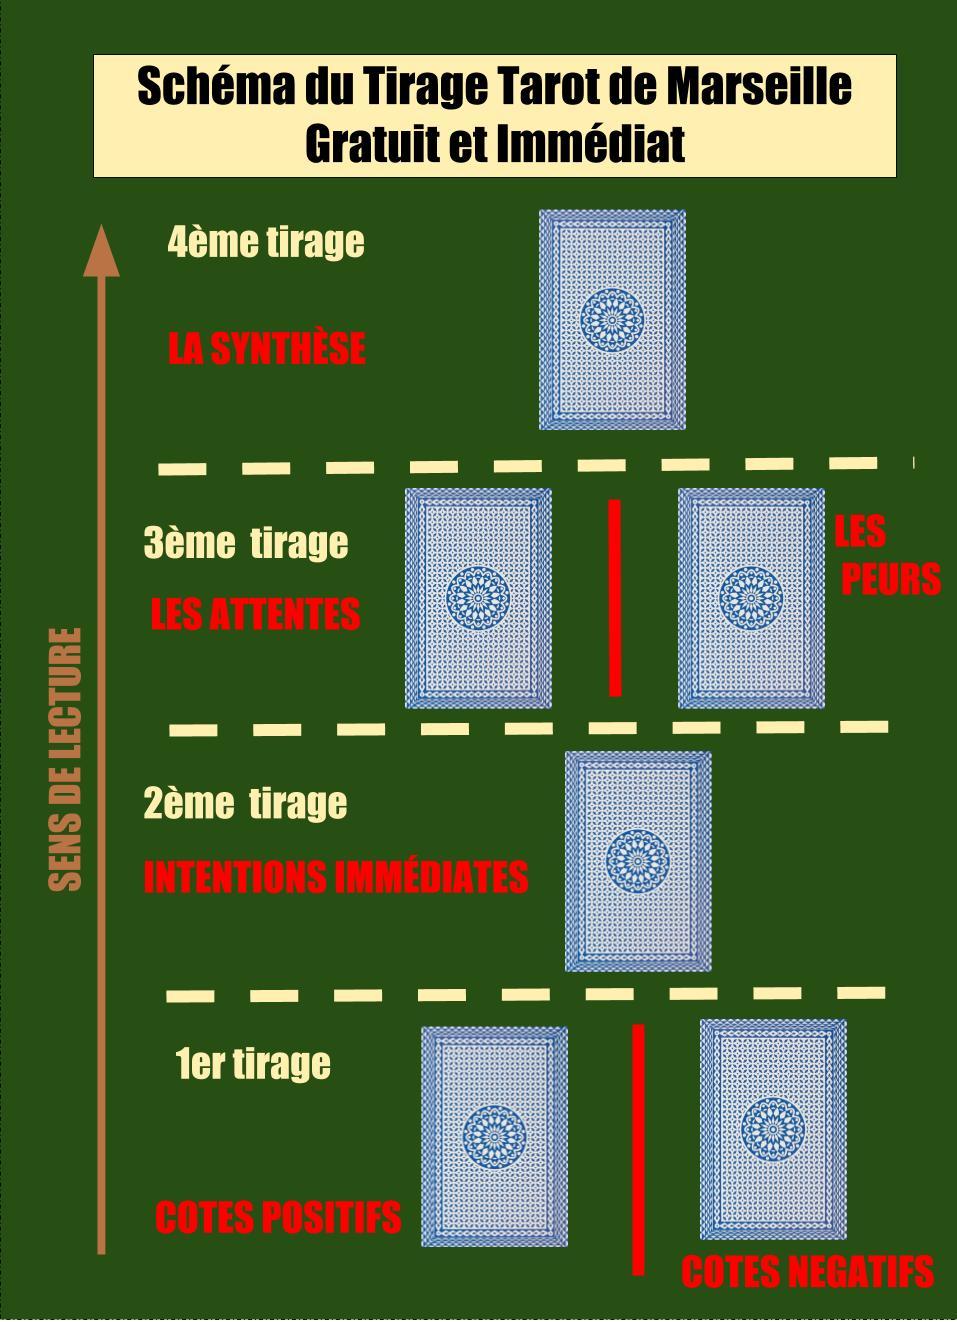 Le schéma de placement des 6 cartes pour un tirage tarot de marseille gratuit  immediat 57126b4aa4cc